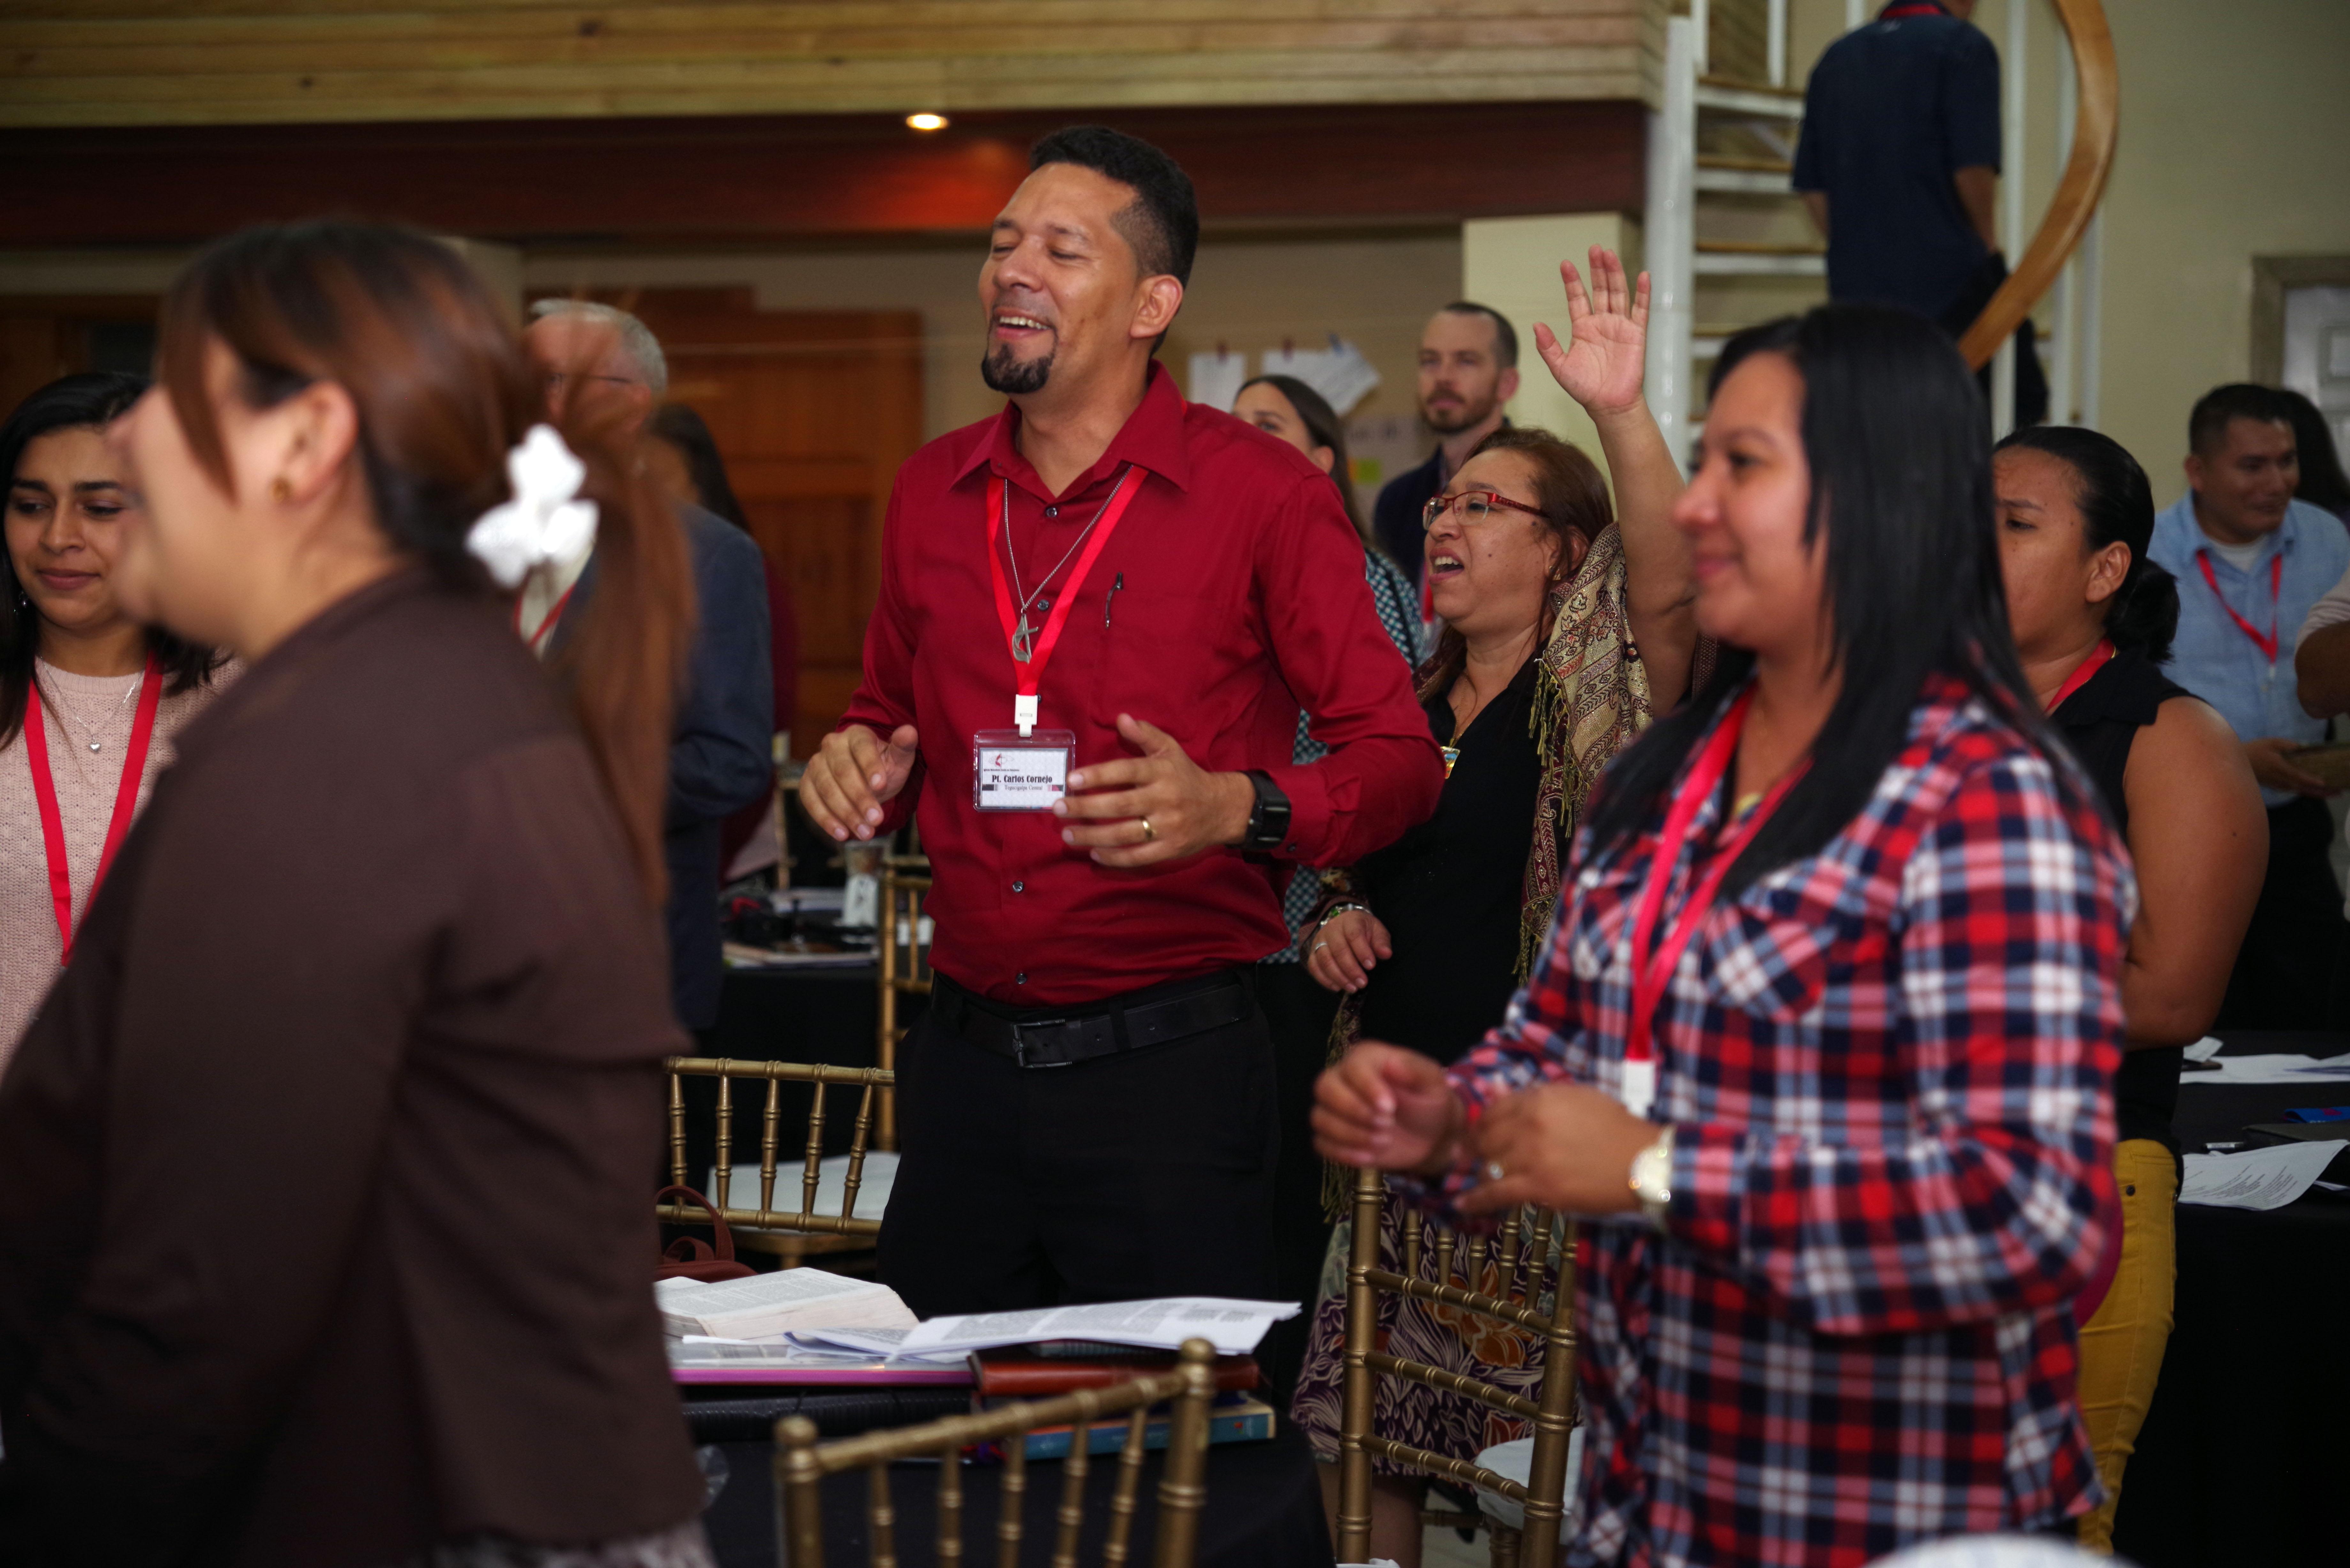 La XVII Reunión Anual de la Misión Metodista Unida de Honduras se lleva a cabo entre el 17 y 19 de enero de 2020. La XVII Reunión Anual de la Misión de Honduras se lleva a cabo del 17 al 19 de enero de 2020. Foto Rev. Gustavo Vasquez, Noricias MU.